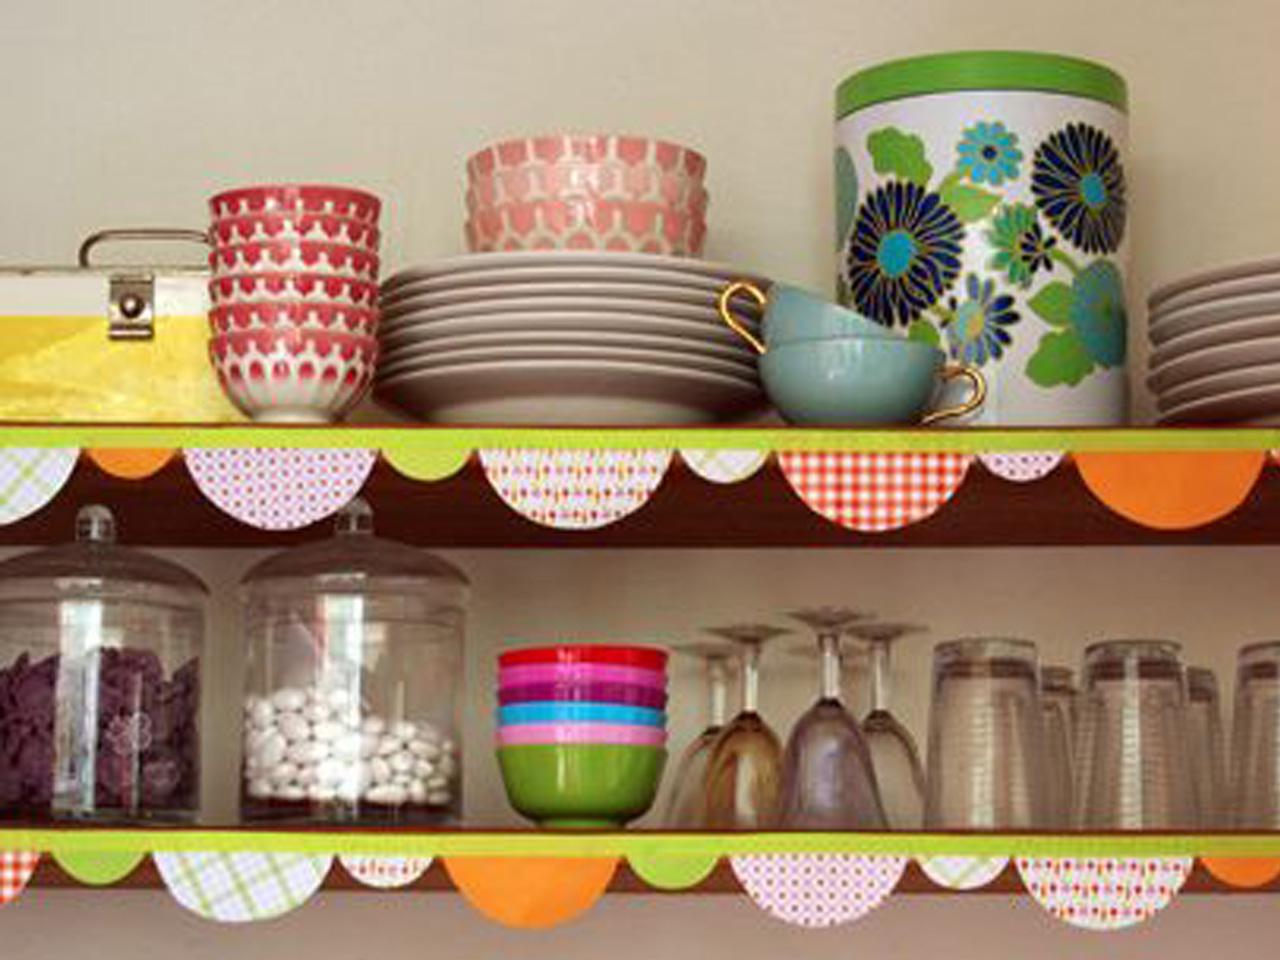 10 propuestas diy para decorar con washi tape - Decorar con washi tape ...